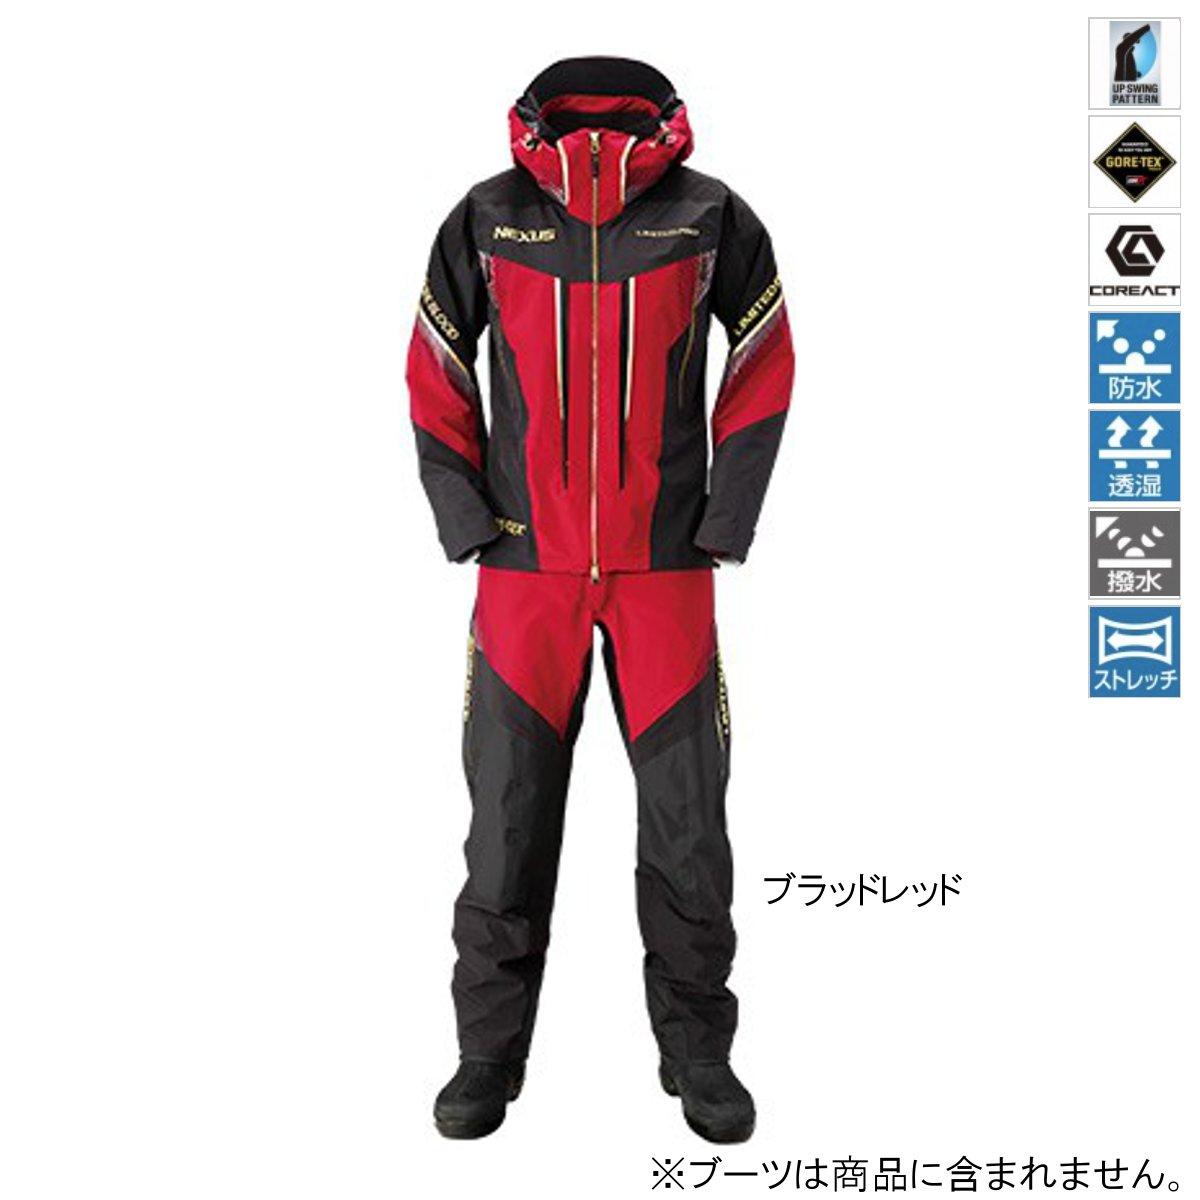 シマノ NEXUS・GORE-TEX レインスーツ LIMITED PRO RA-112S L ブラッドレッド(東日本店)